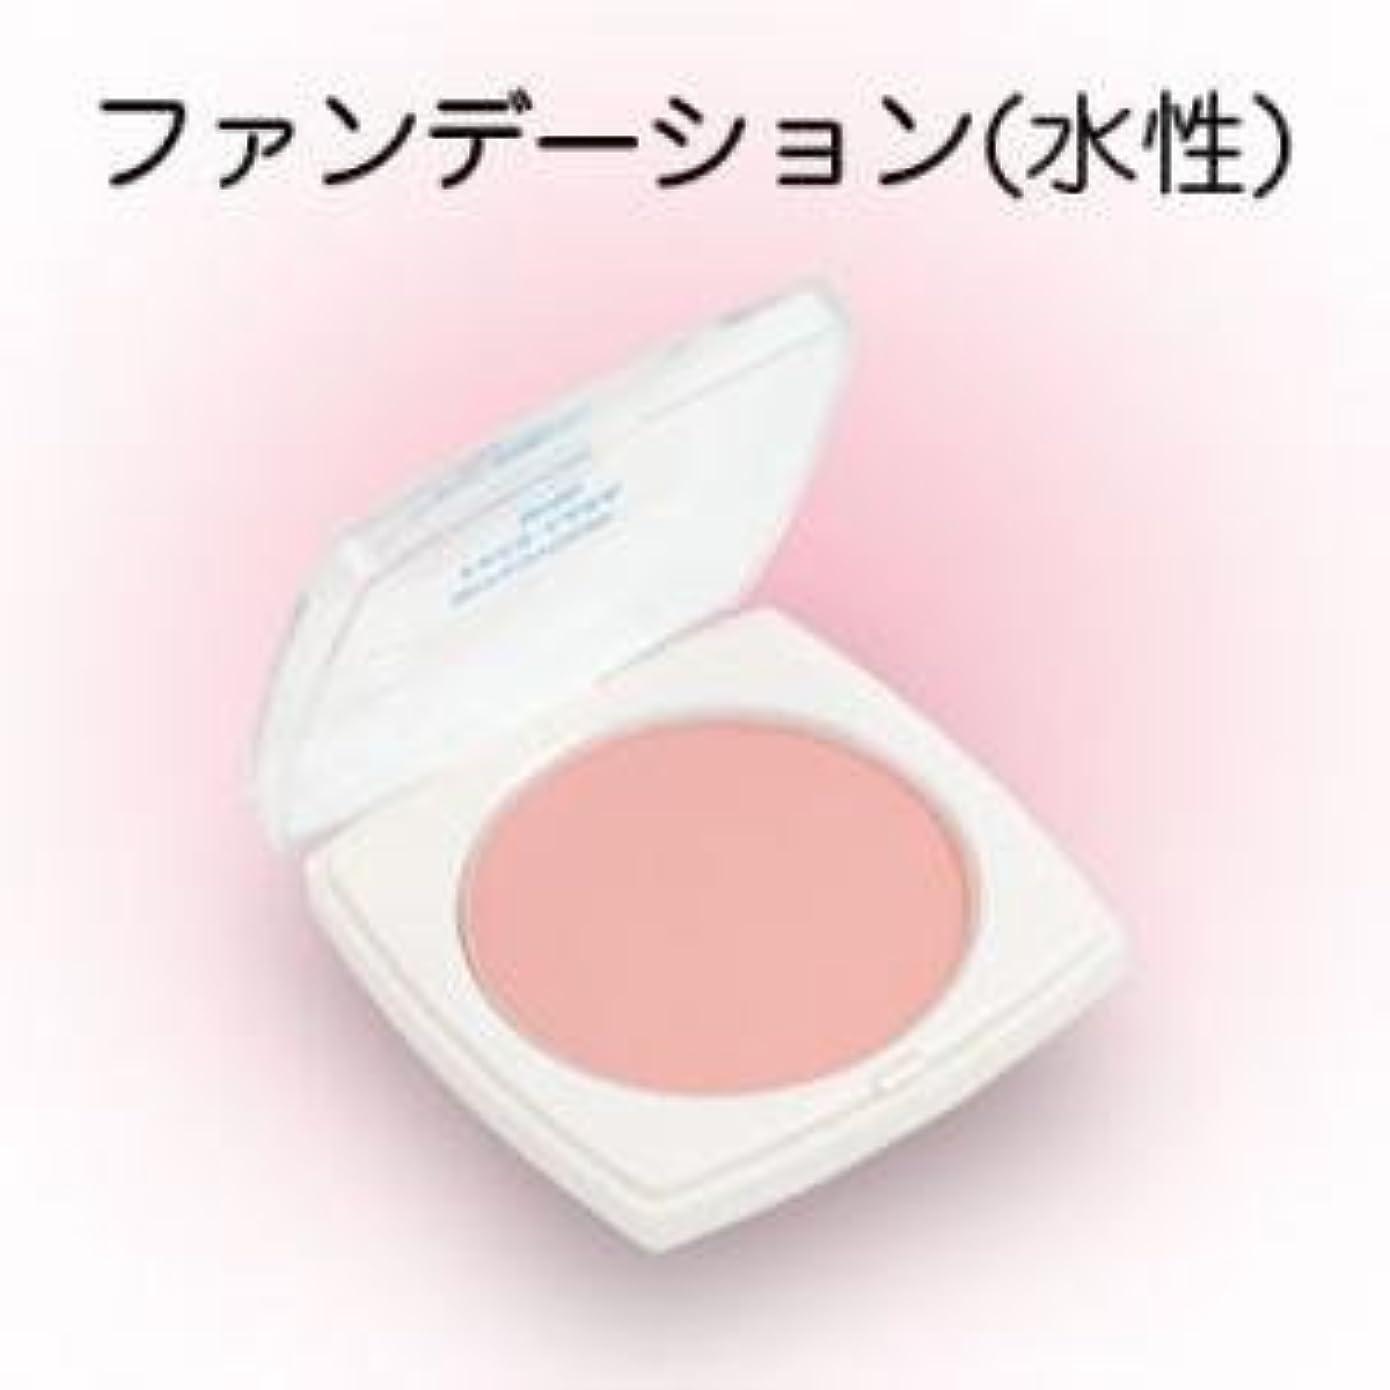 目指す狂ったコンパス舞台用化粧品 三善 フェースケーキ ミニ 8N